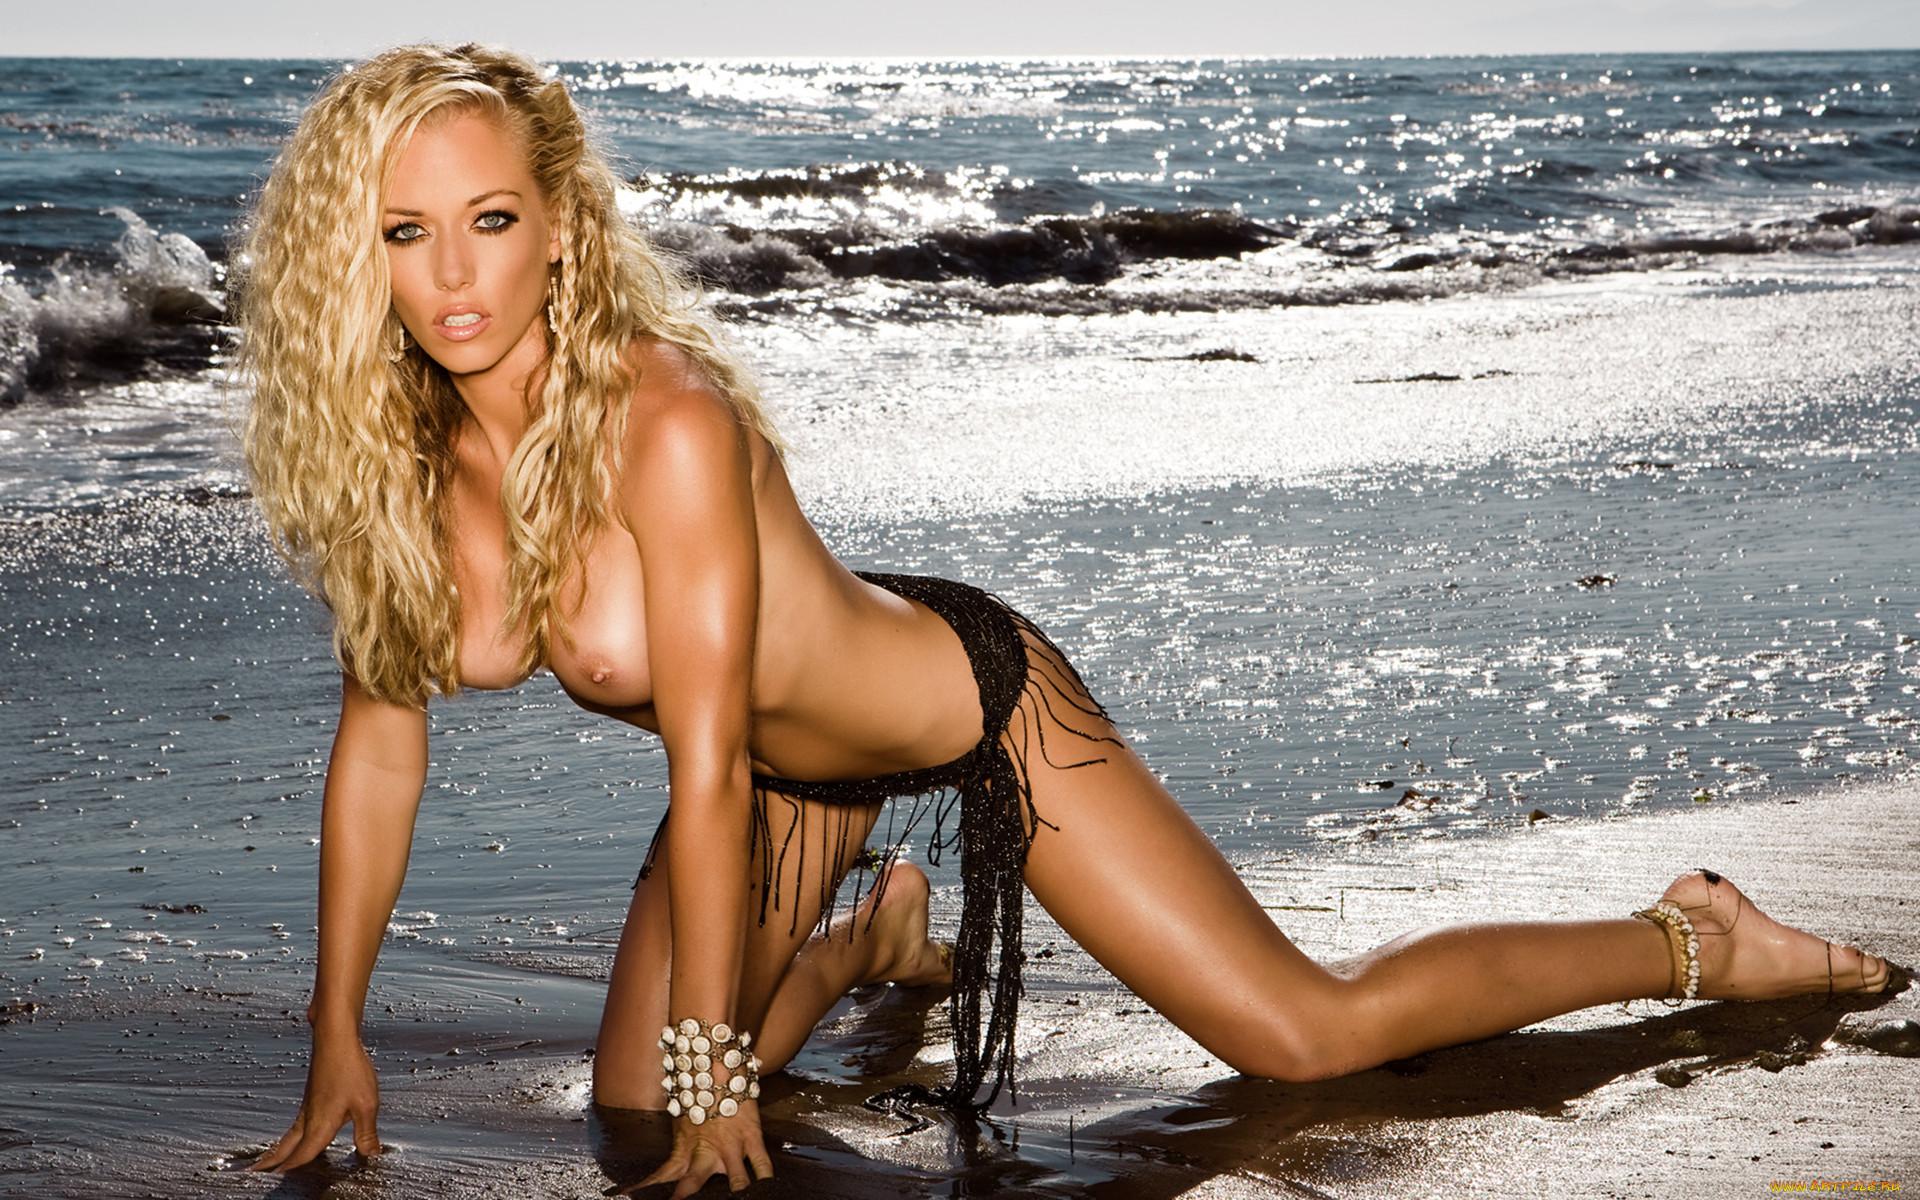 Фото девушки на пляже плейбой 5 фотография